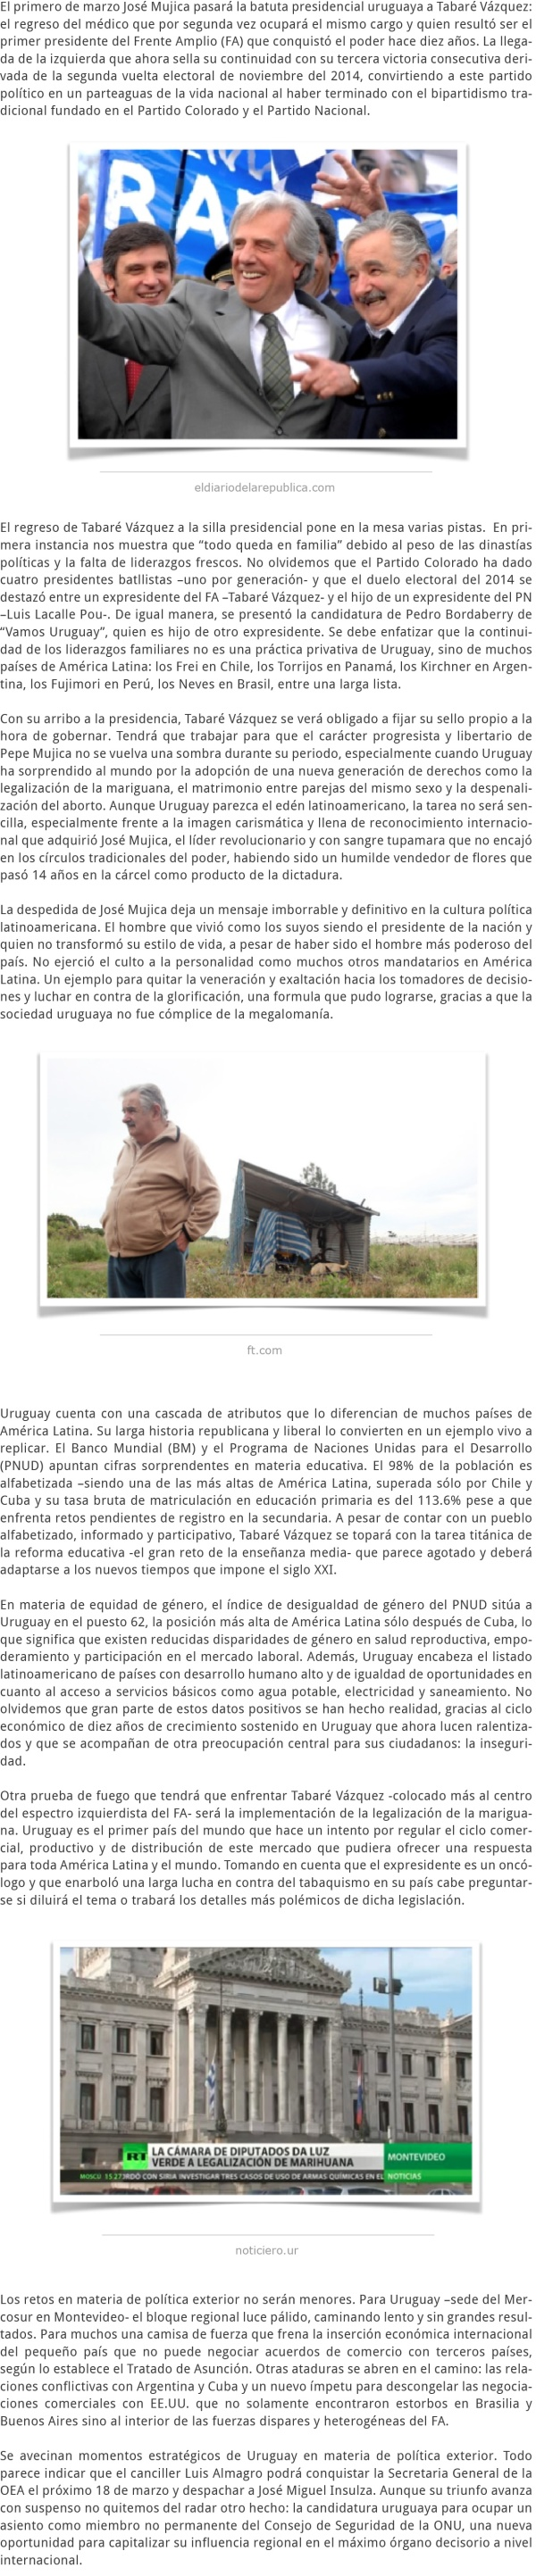 EL TRASPASO DEL EDÉN URUGUAYO DE MUJICA A VÁZQUEZ